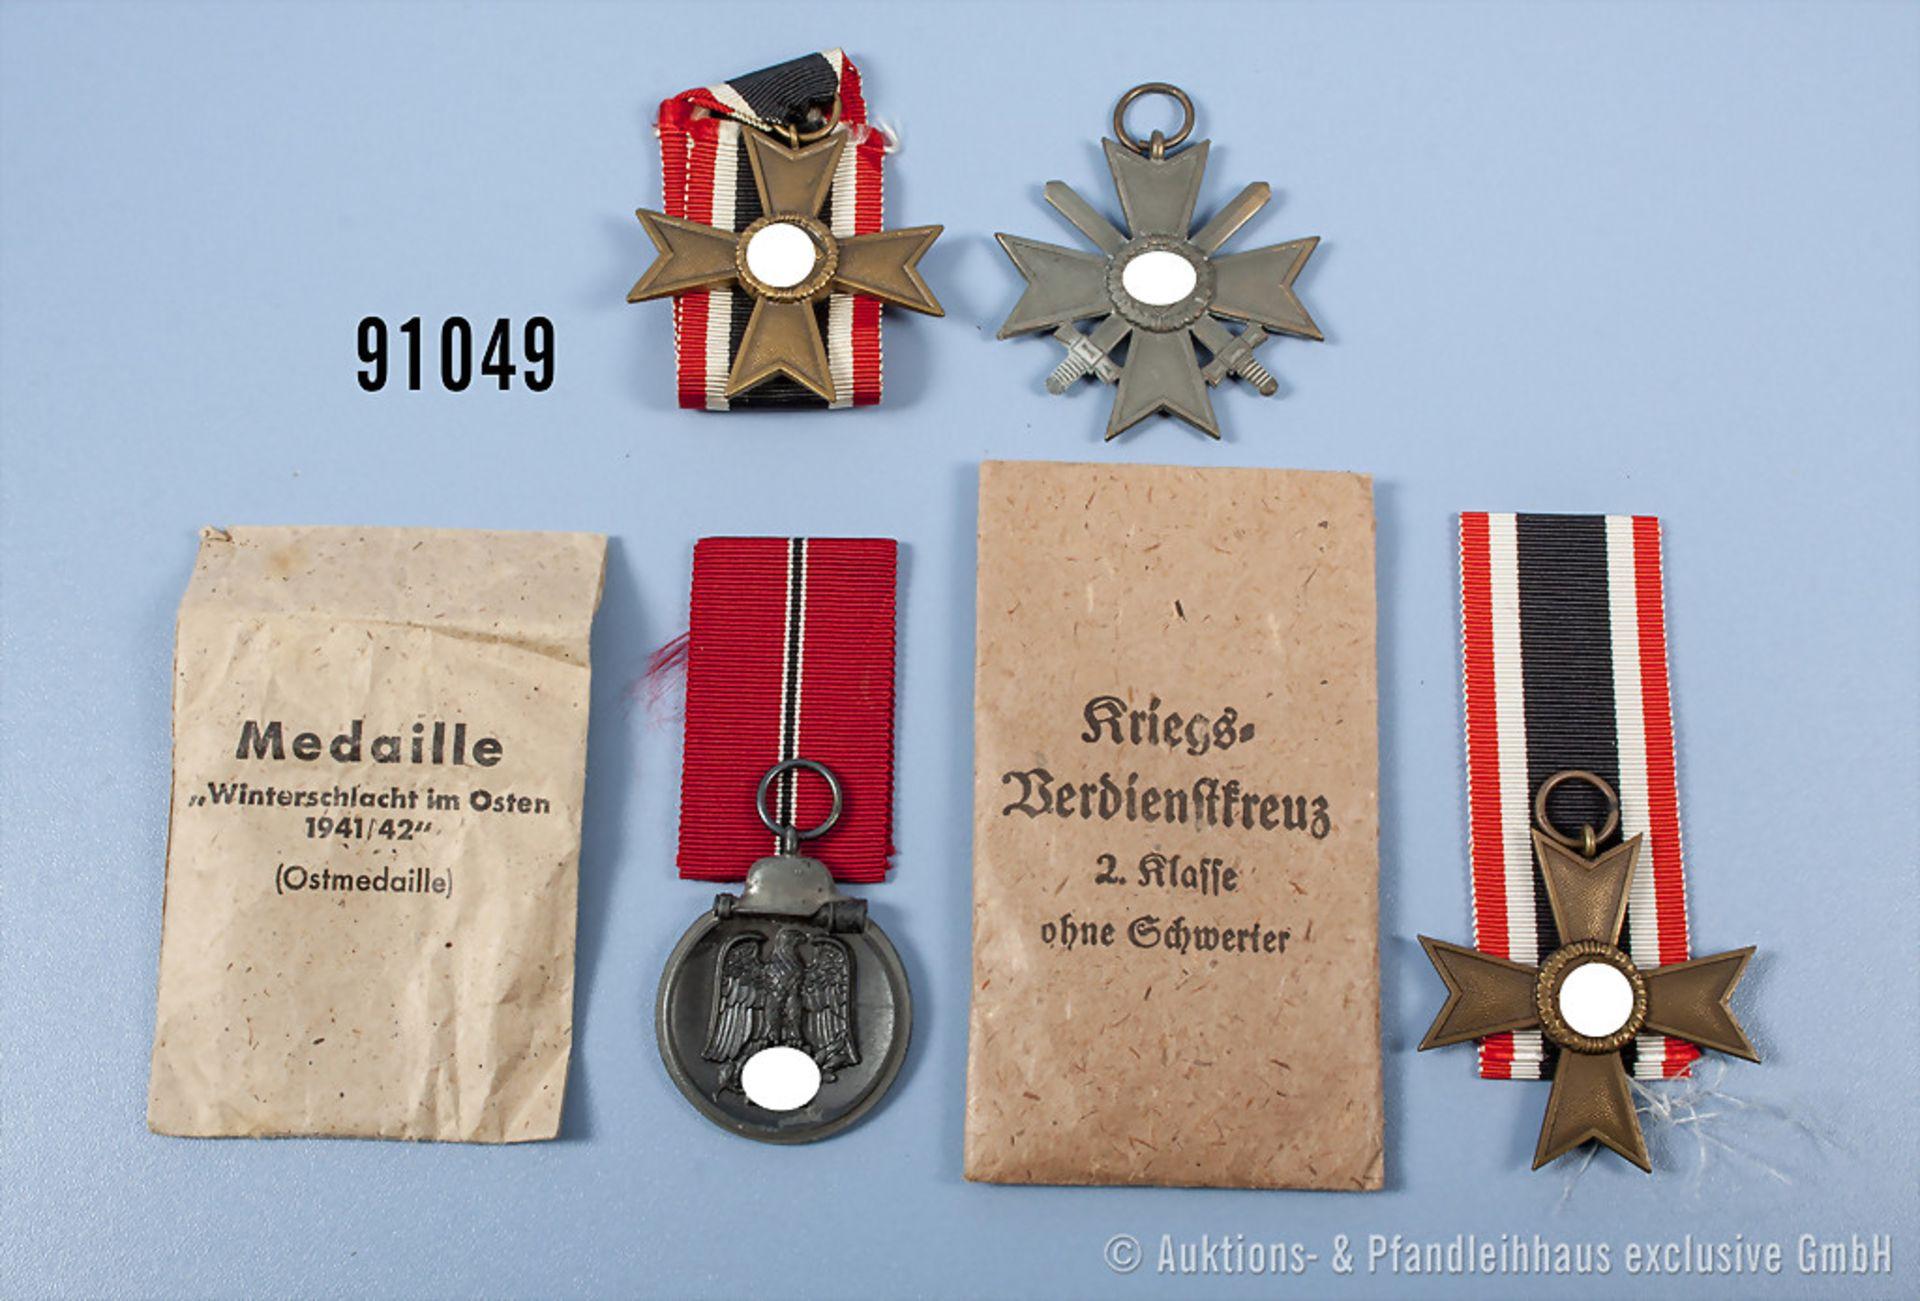 Konv. 3 KVK 2. Klasse, 1 x mit Schwertern und 2 x ohne Schwerter, davon 1 x mit Verleihungstüte